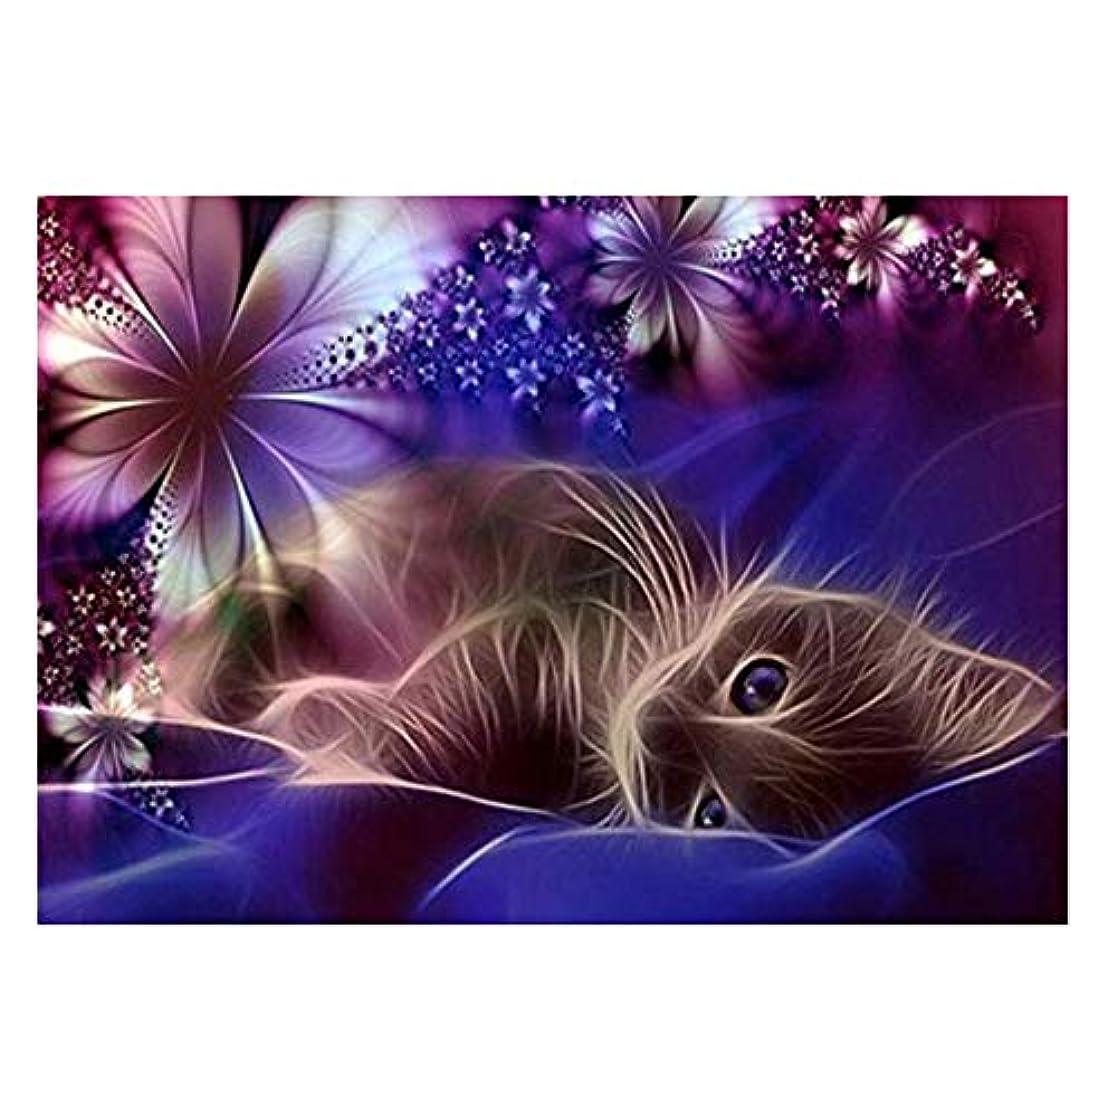 抗議メイエラ寺院5D 手作りダイヤモンド絵画?30×40cmかわいい猫5Dダイヤモンドペインティングるまインテリア プレゼント ホーム レストラン 壁掛け 装飾 (マルチカラー)